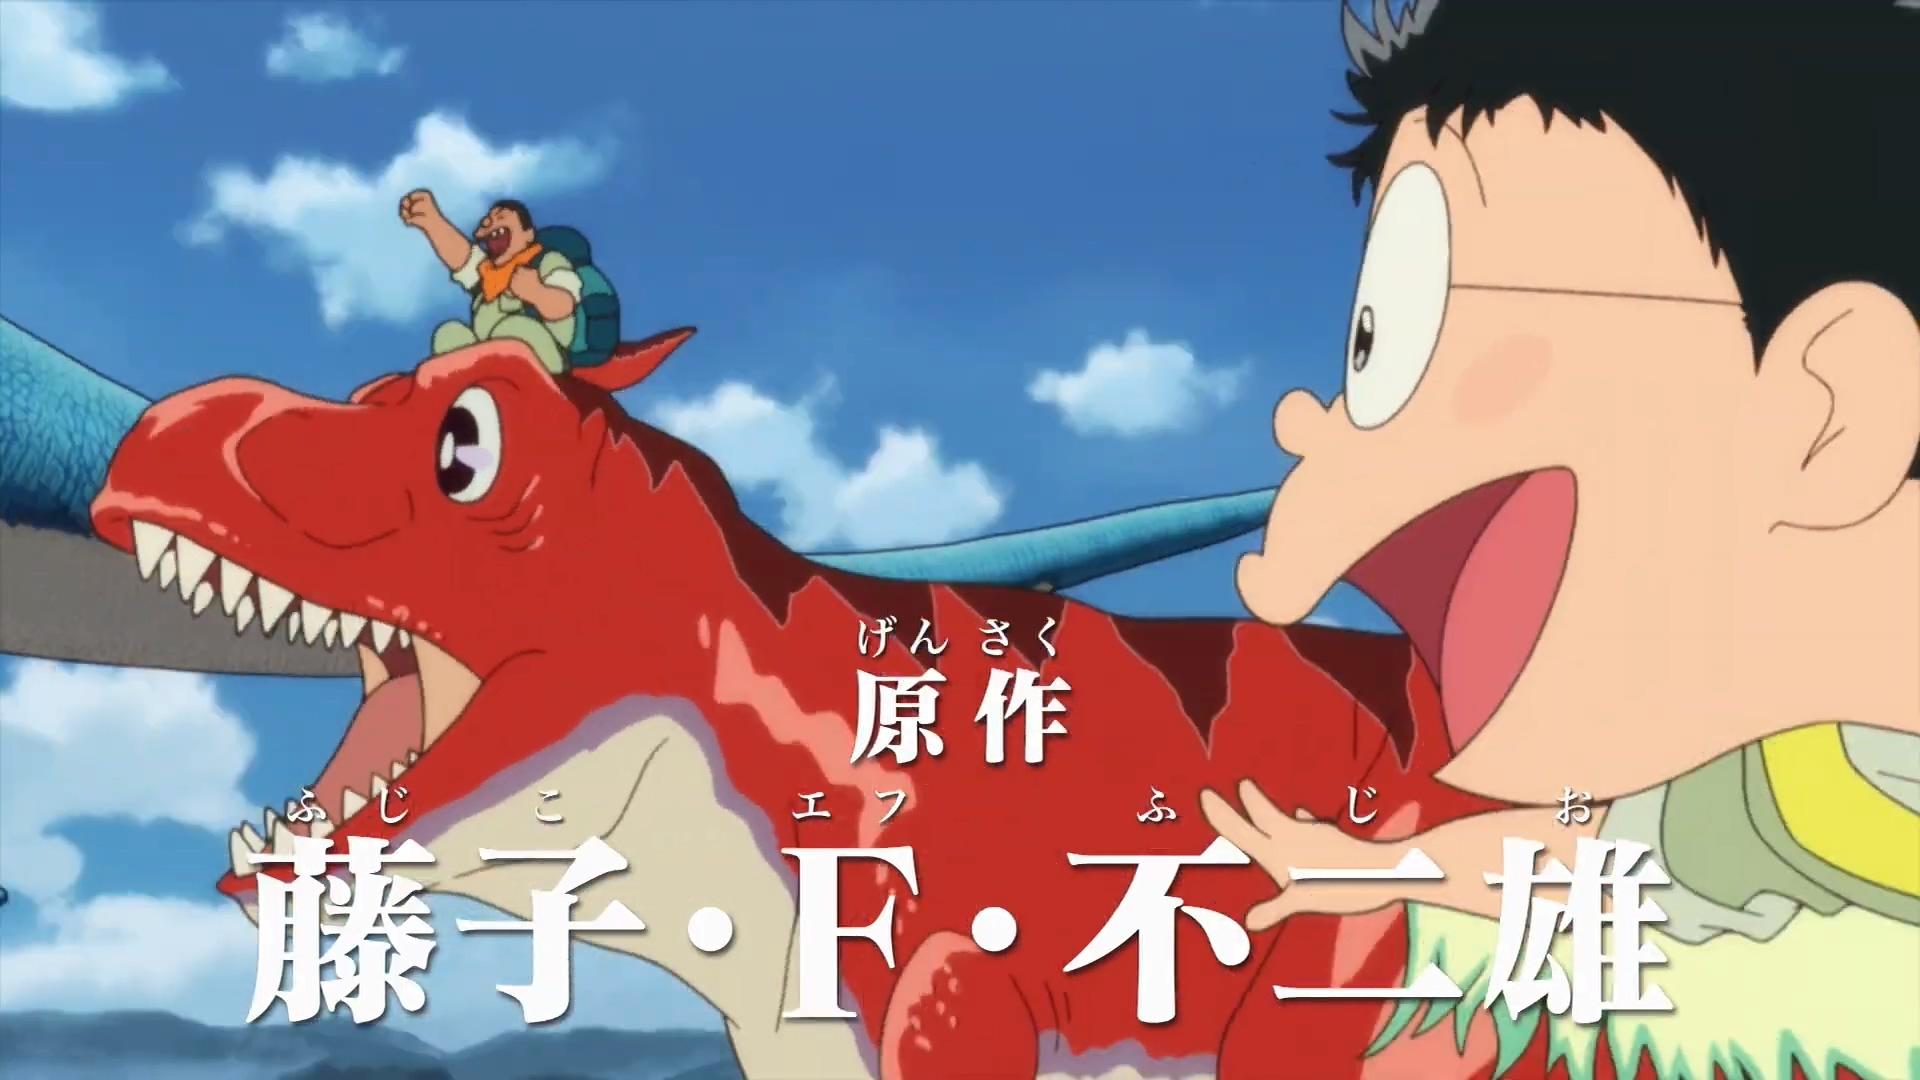 剧场版动画《哆啦A梦 大雄的新恐龙》新视觉图和特别影像公开- 布丁次元社